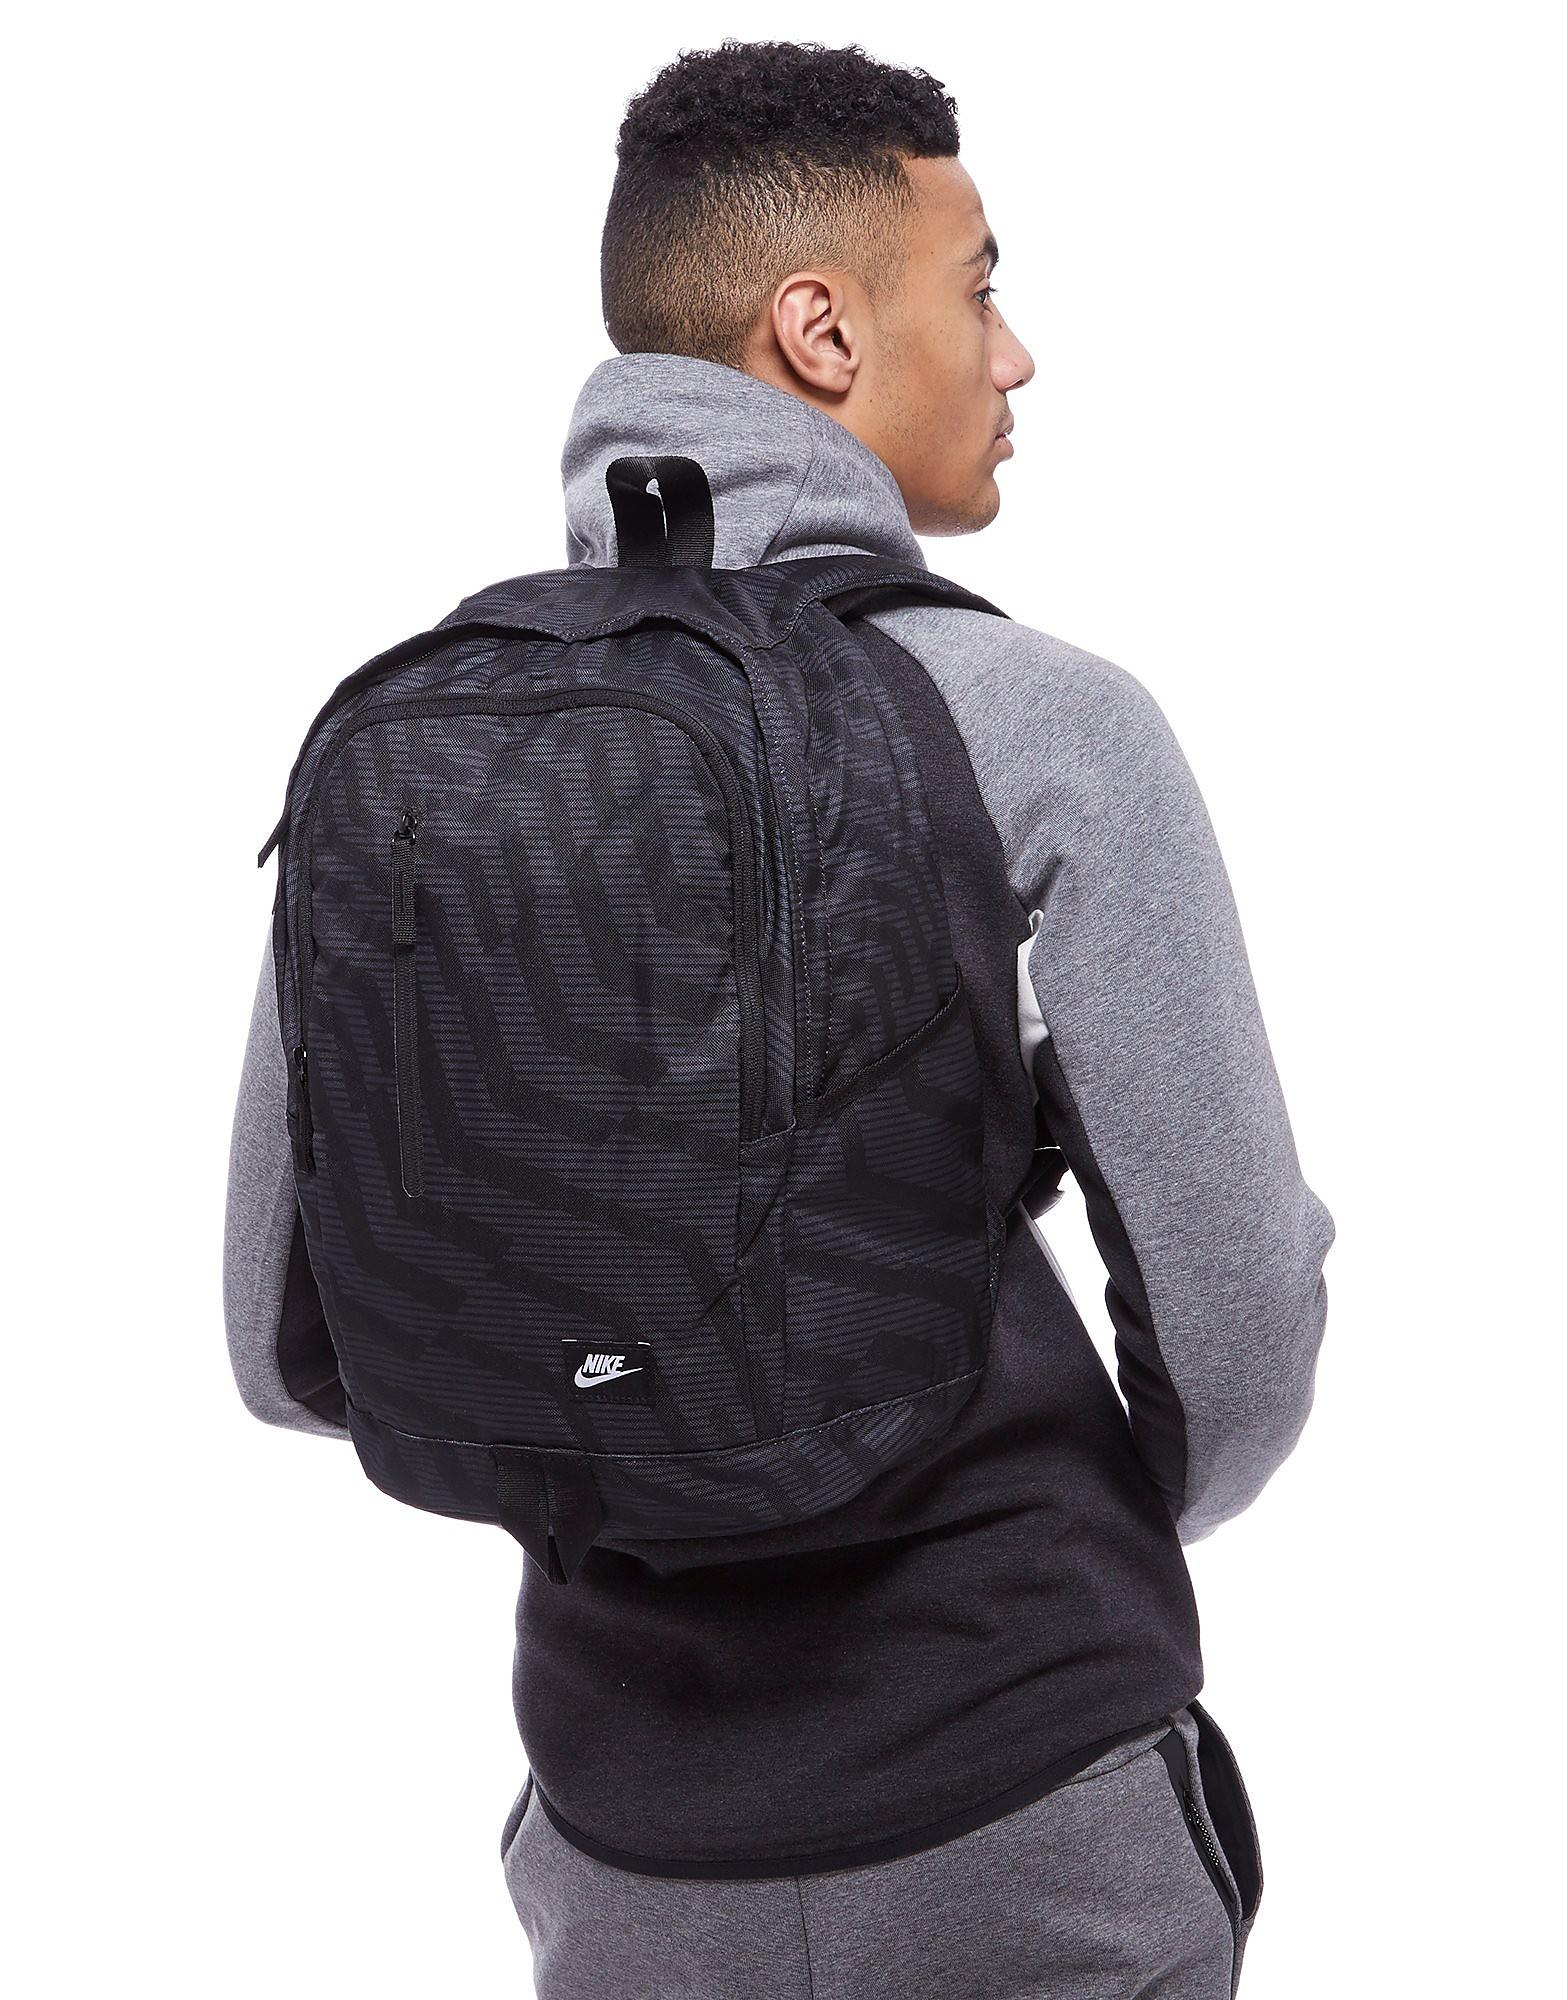 Nike Soleday Camo Backpack